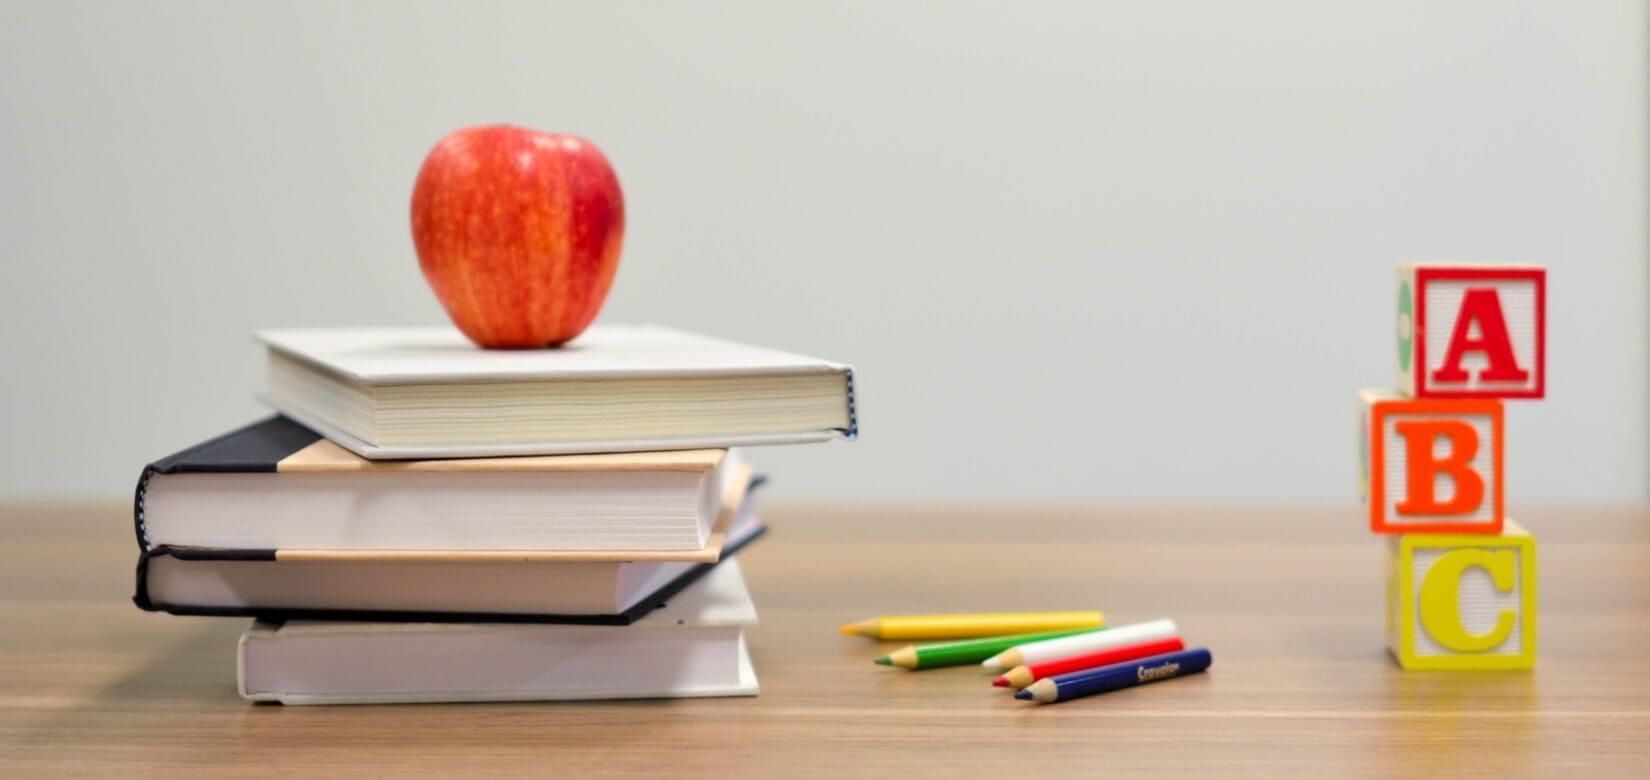 Αποταμίευση: Πως θα σπουδάσουν τα παιδιά σας χωρίς άγχος